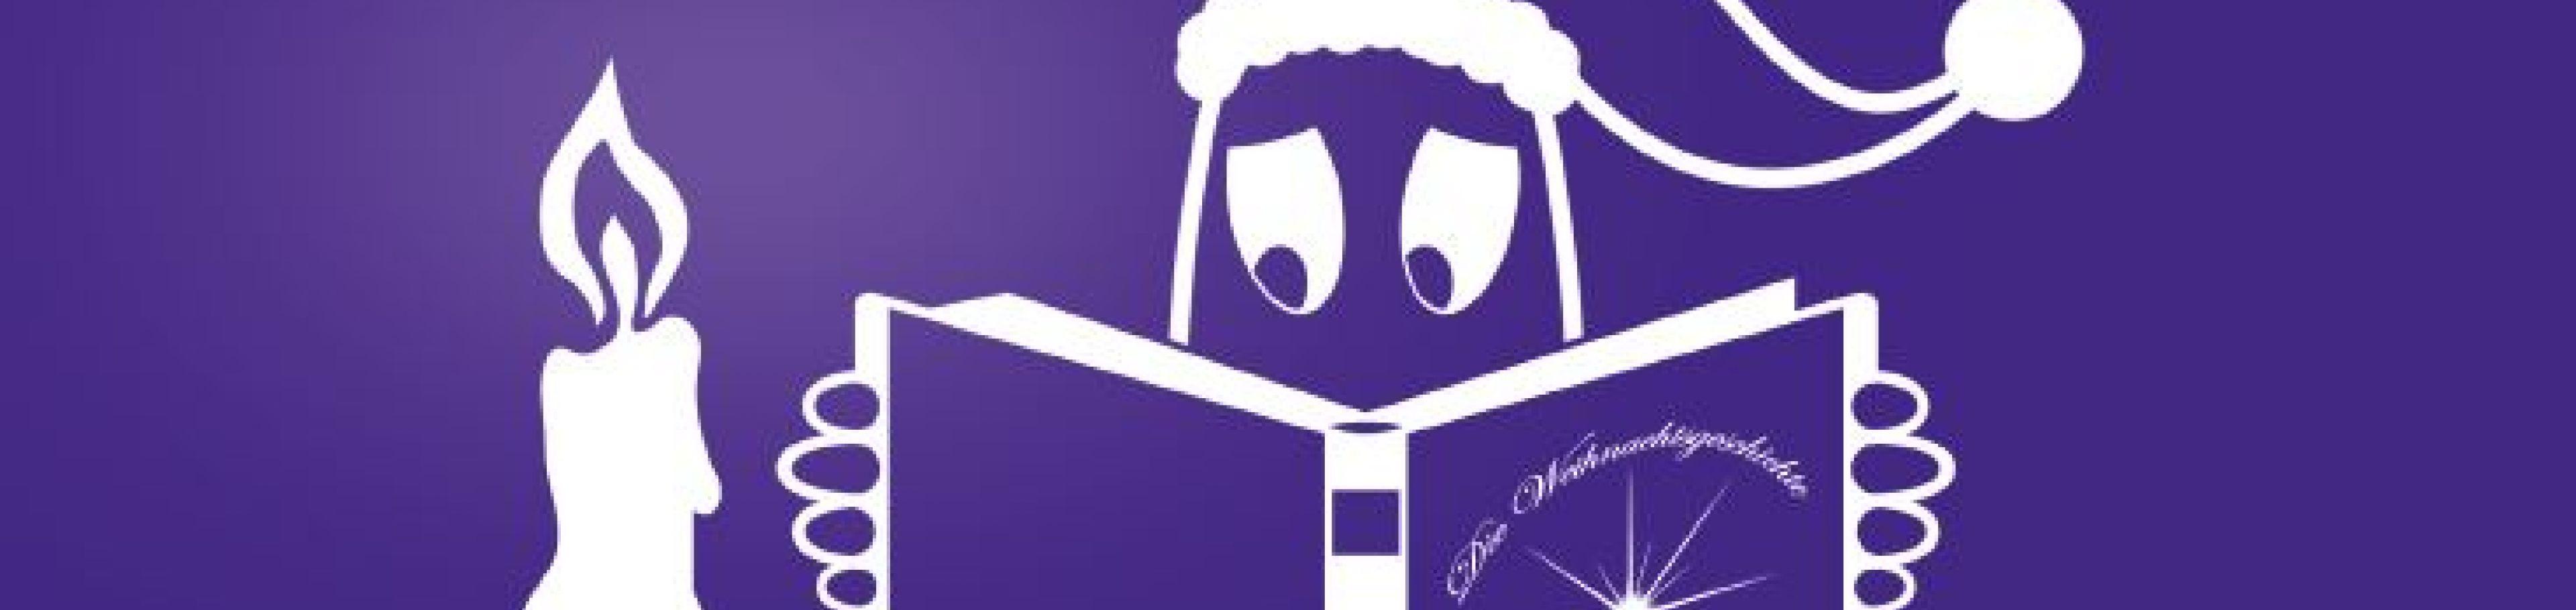 Versand Weihnachtskarte